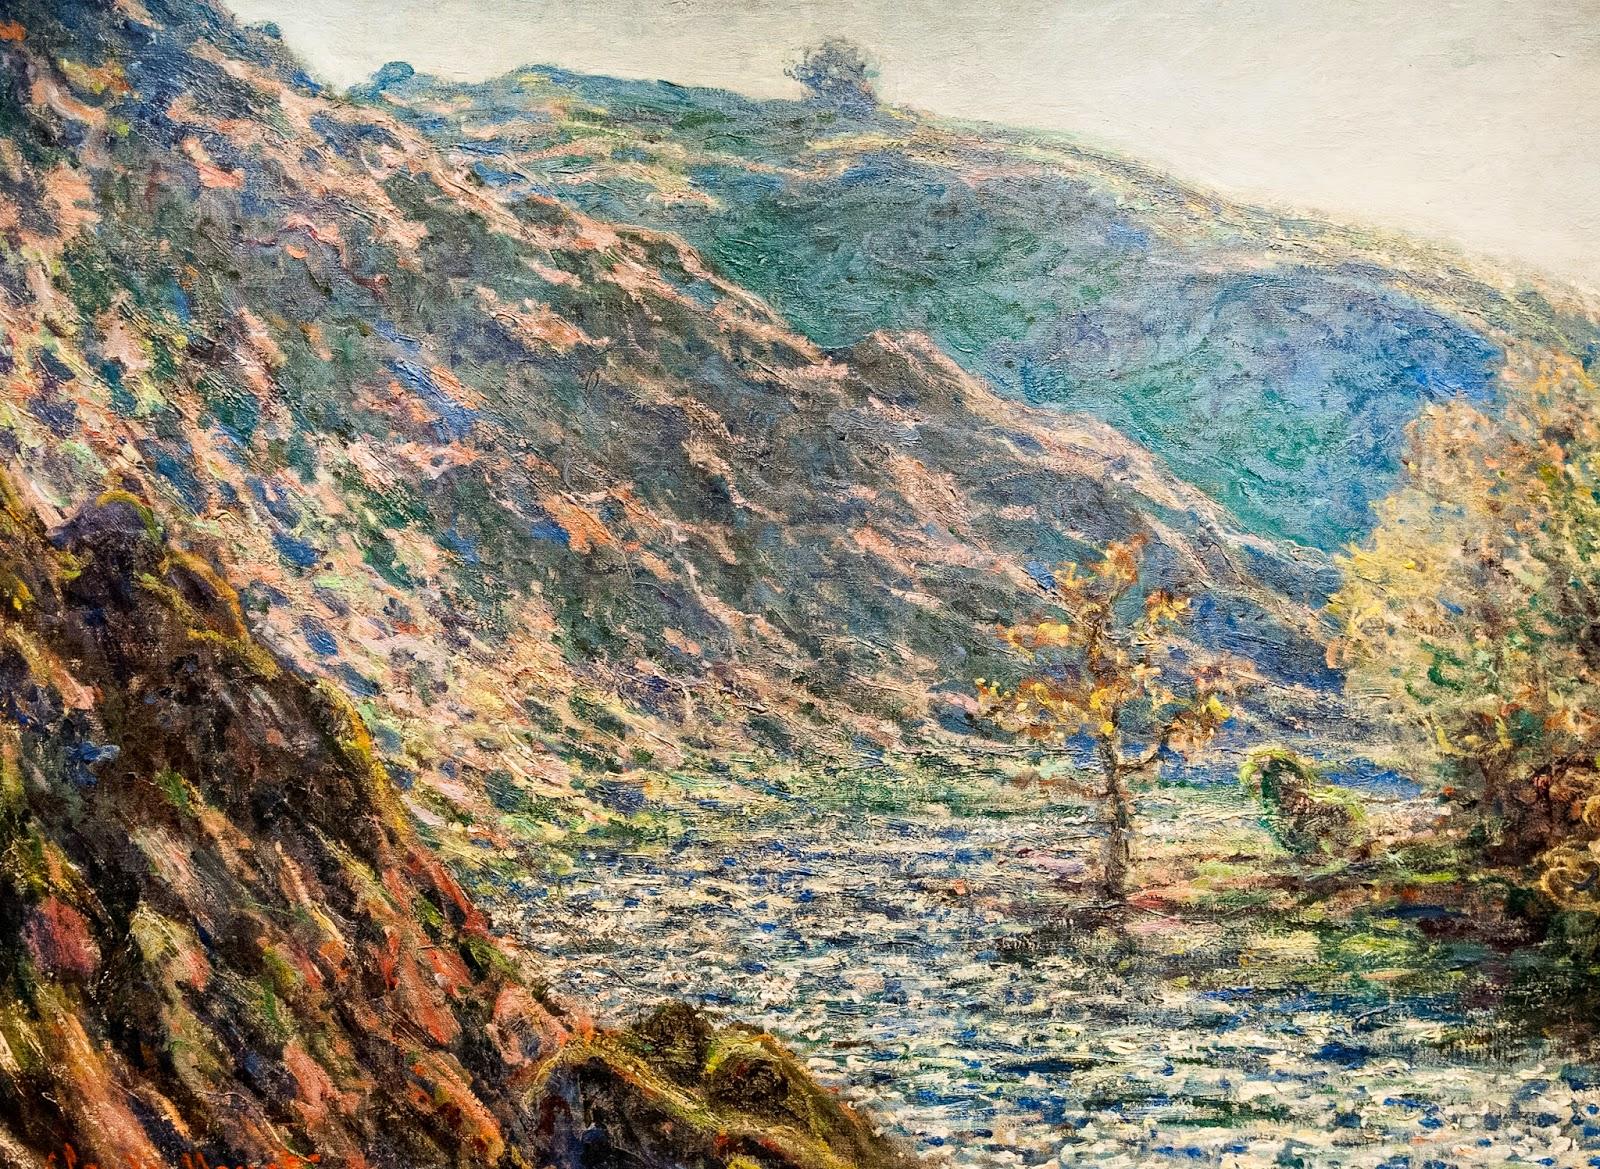 пейзаж < Старое дерево на перекрёстке >:: Клод Моне, описание картины - Claude Monet фото